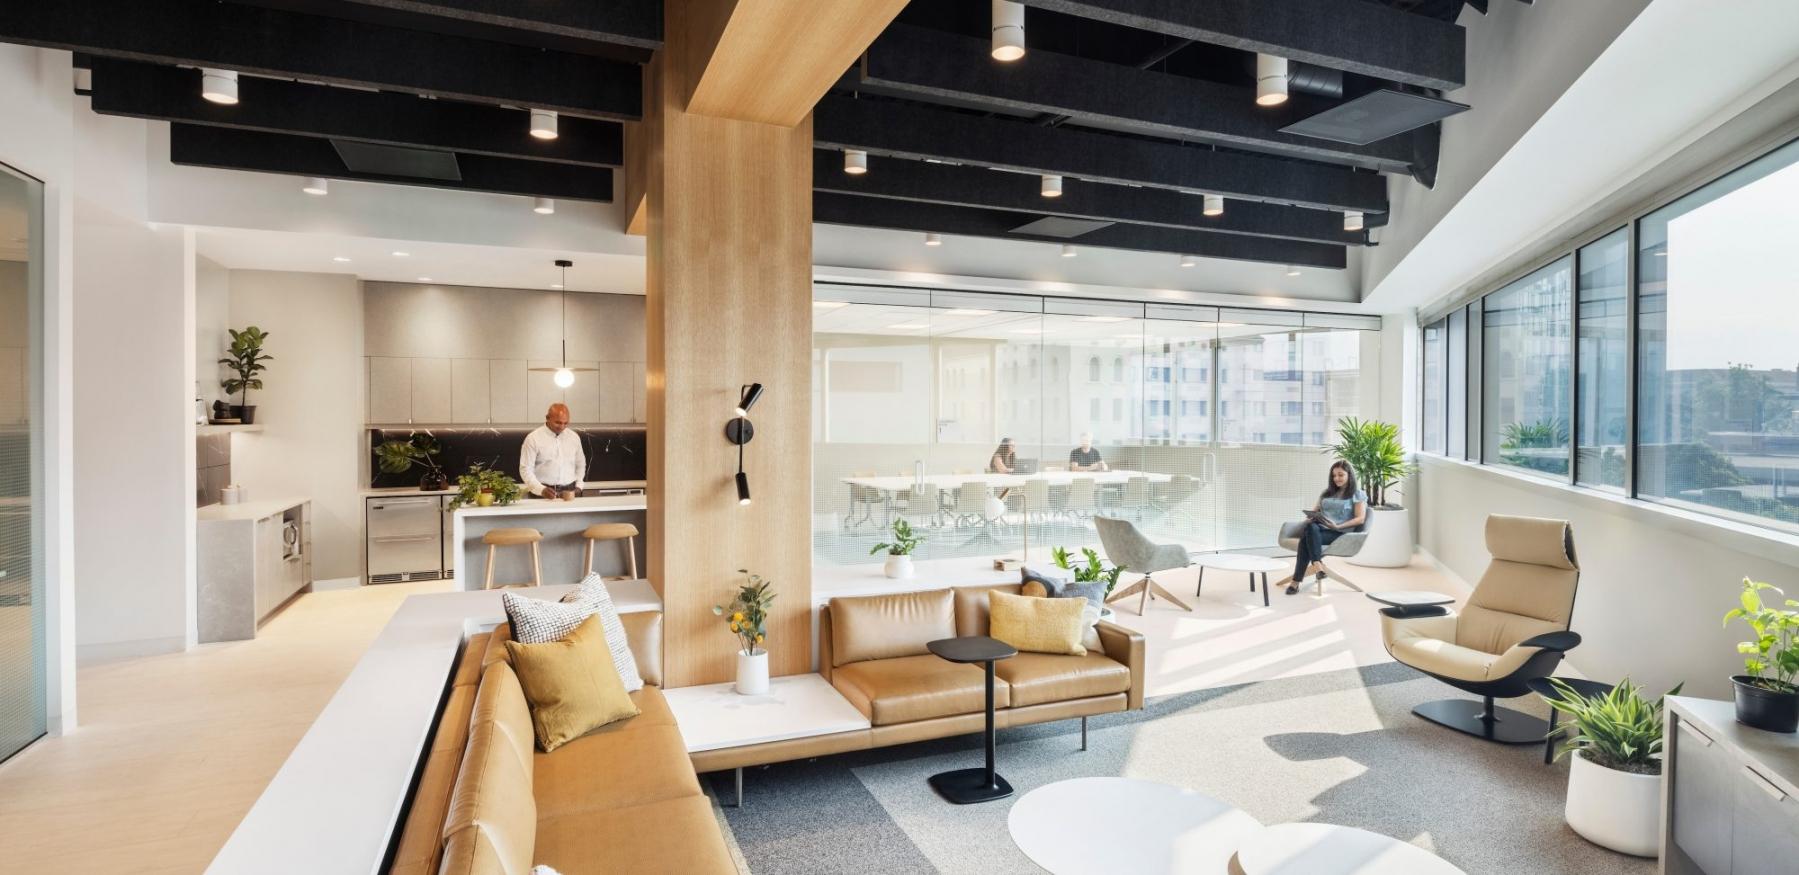 Kaiser DOCO Family Medicine Residency Lounge